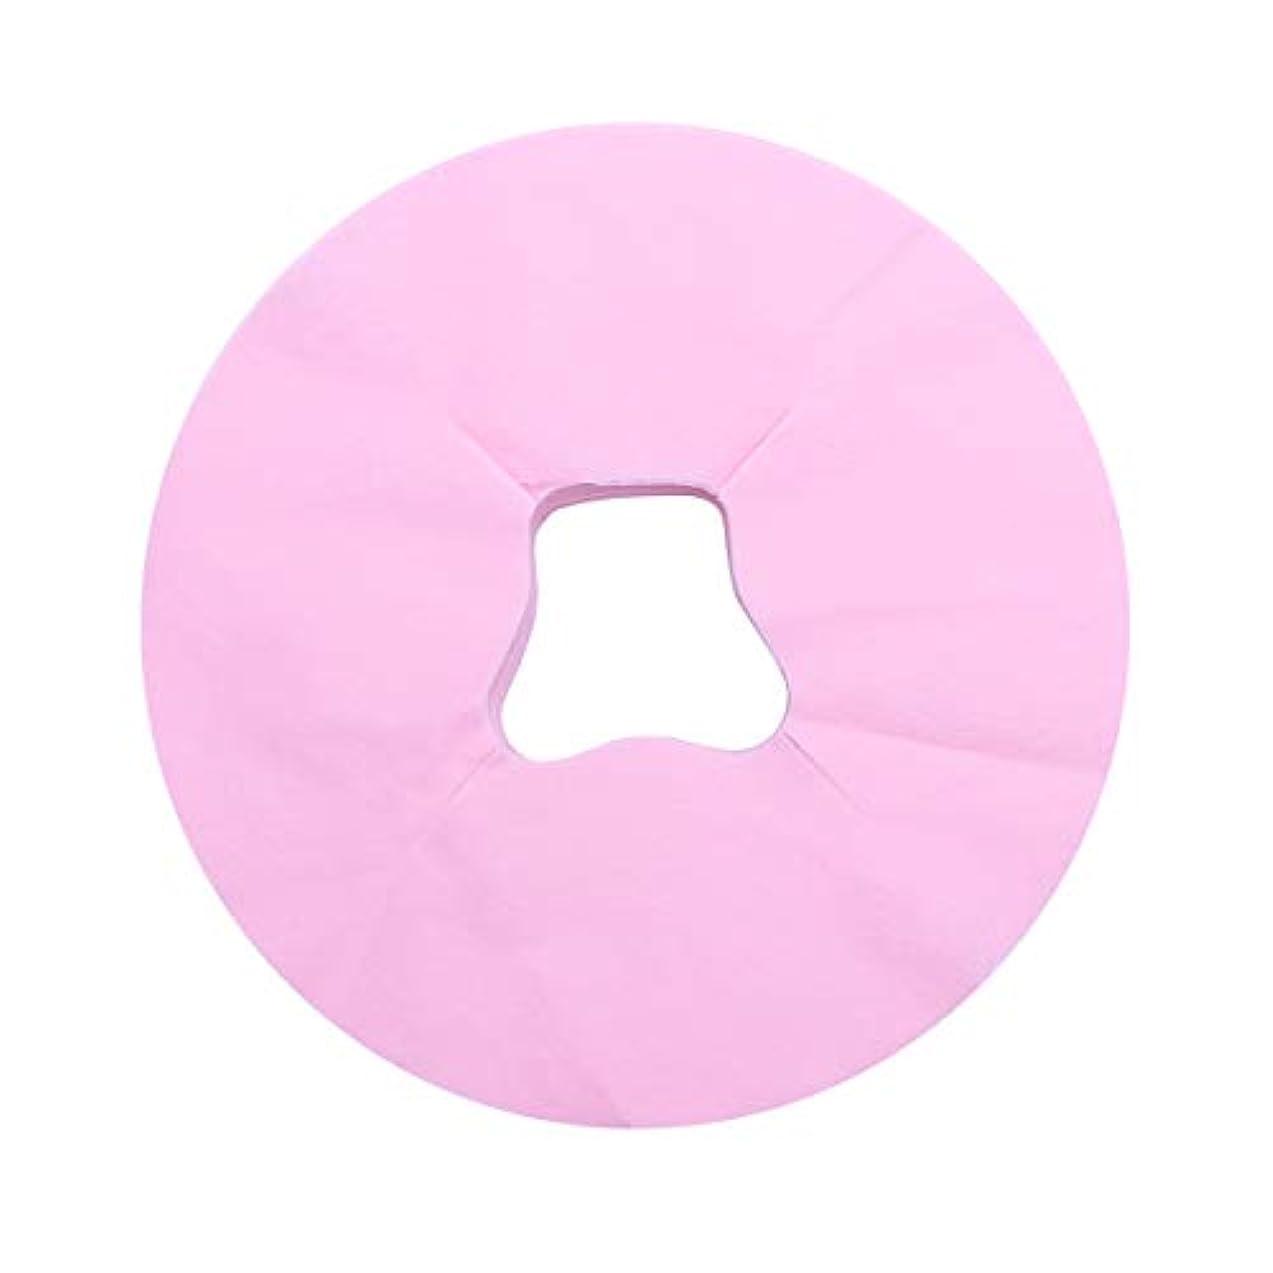 荒野ギャラリー不愉快Healifty 100シートマッサージフェイスピローカバー使い捨てフェイスカバーパッドフェイスホールピローフェイシャルベッドサロンスパヘッドレストピローシート(ピンク)